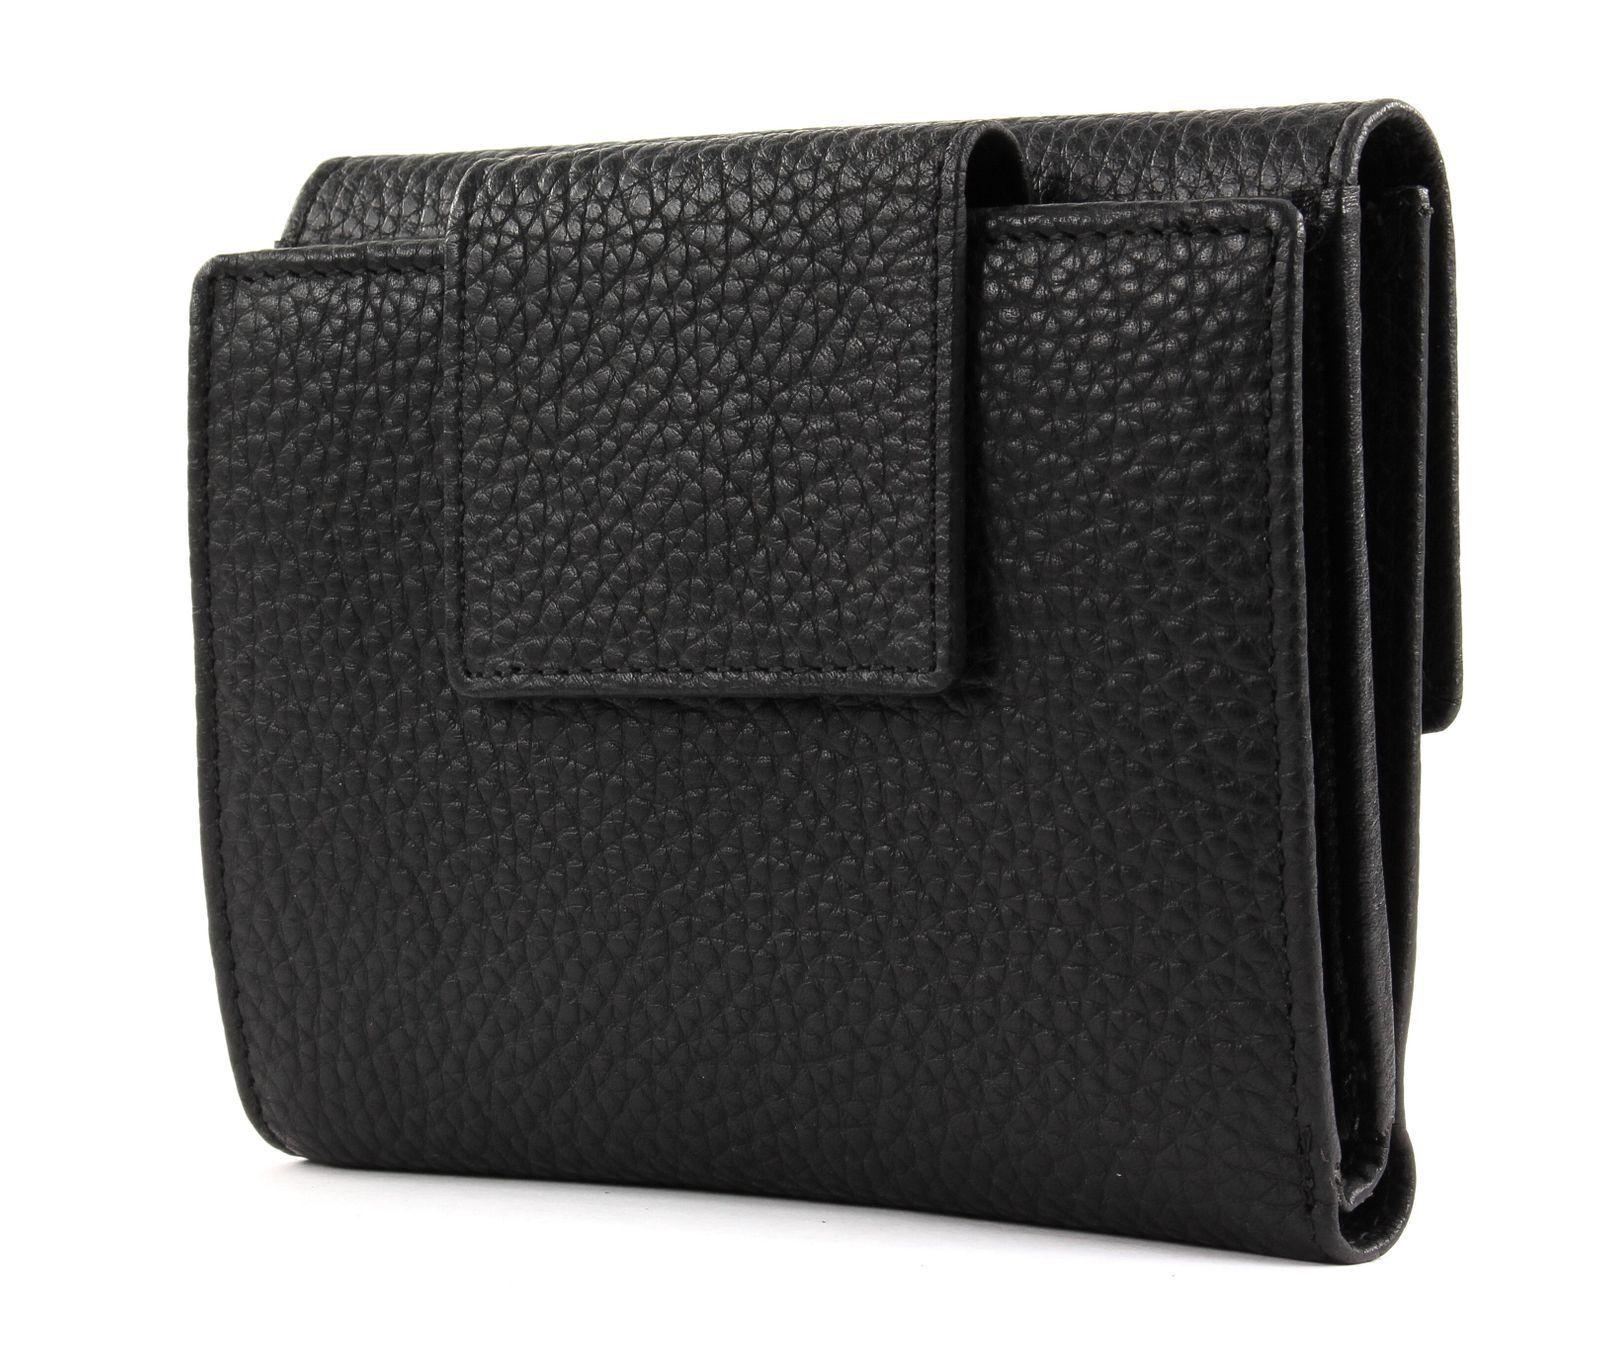 Braun Büffel Flap Wallet M & Keyfob Set Black Black Black b84f9b